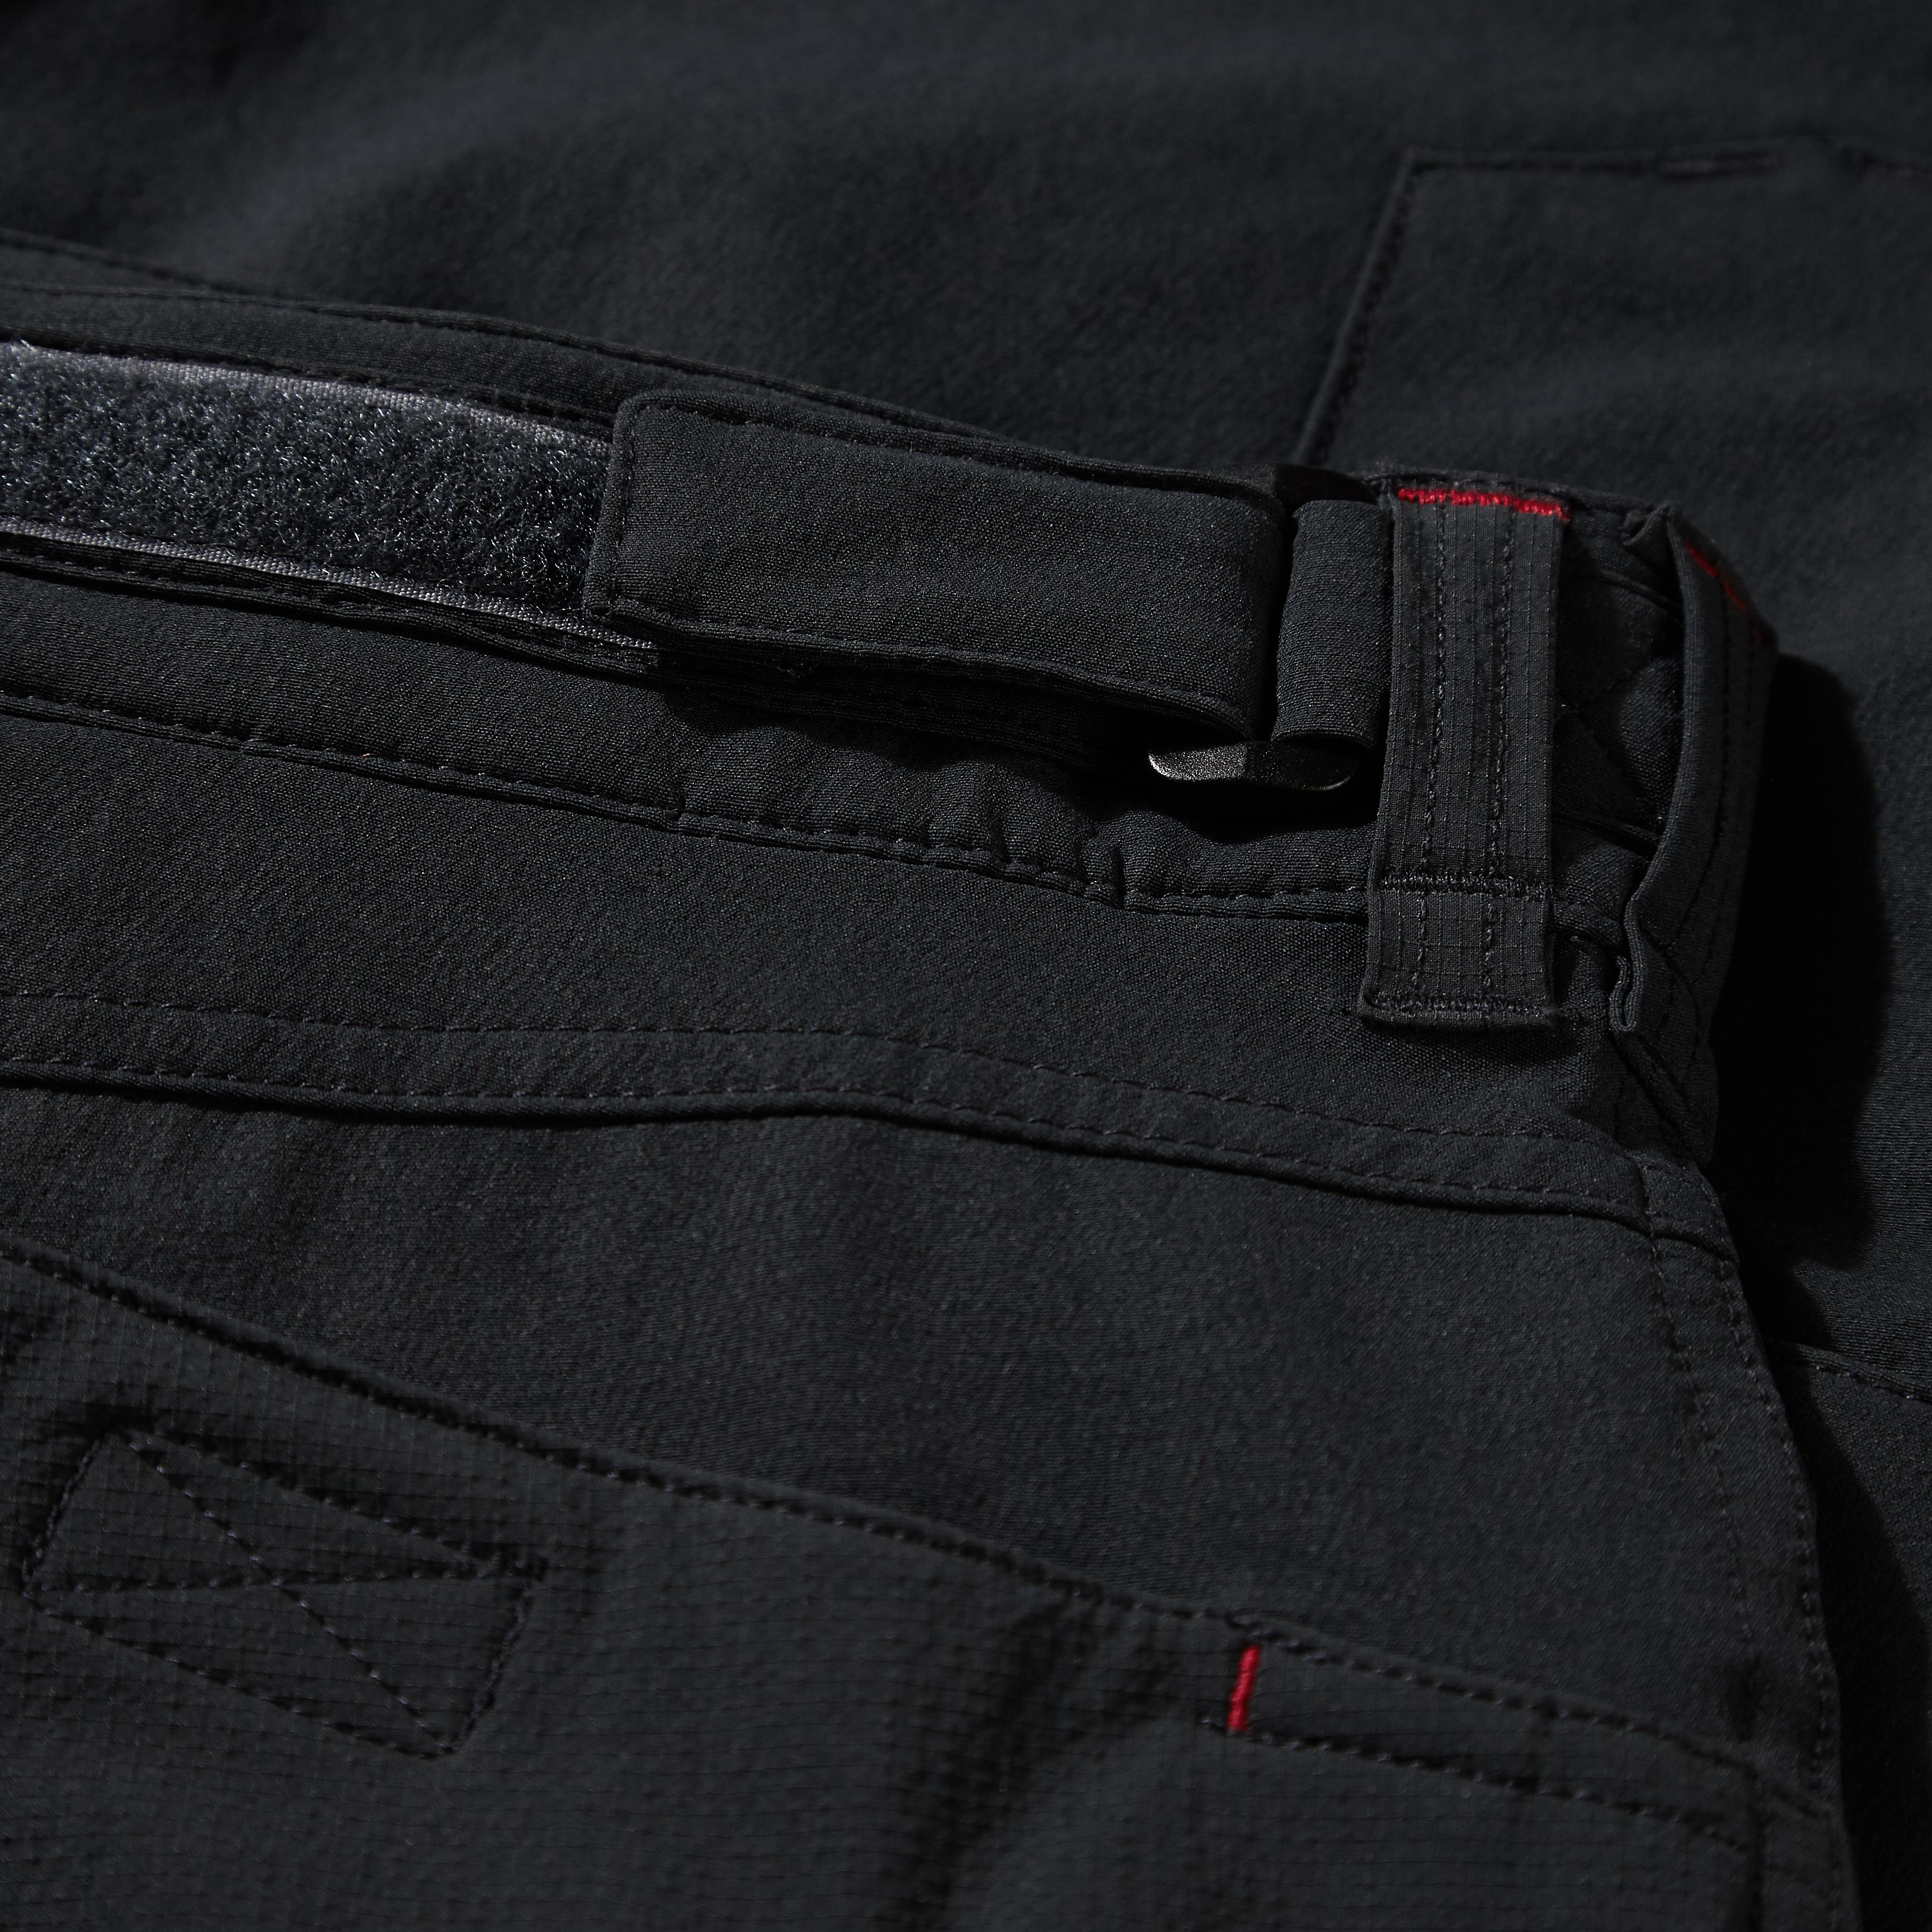 Men's UV Tec Pro Shorts - UV013-GRA01-4.jpg